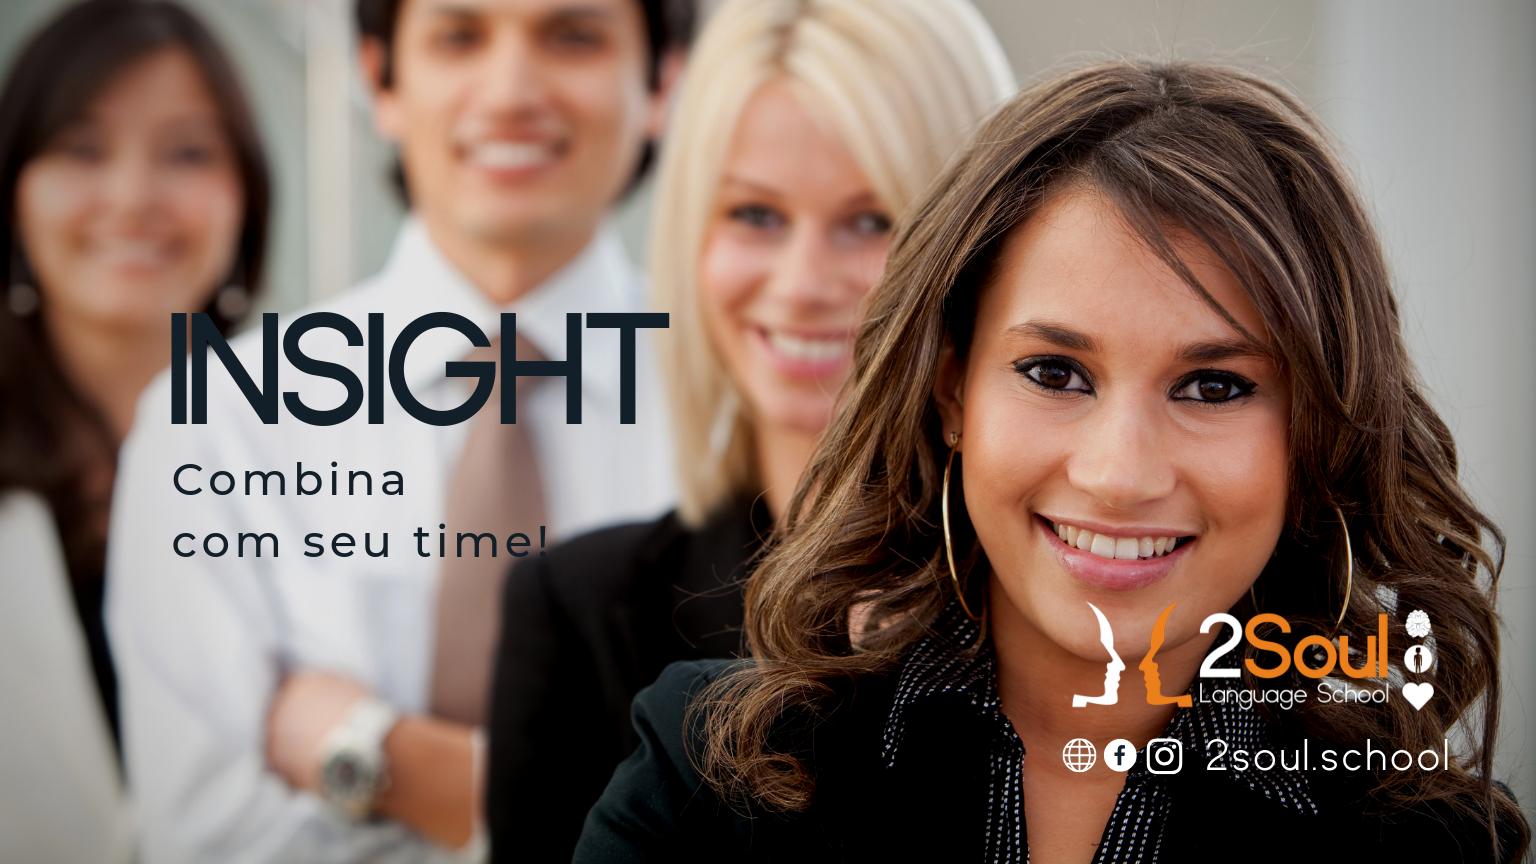 INSIGHT: Inglês Global! - Seu negócio sem fronteiras! Desenvolva de verdade o inglês do seu time rumo ao crescimento globalizado!